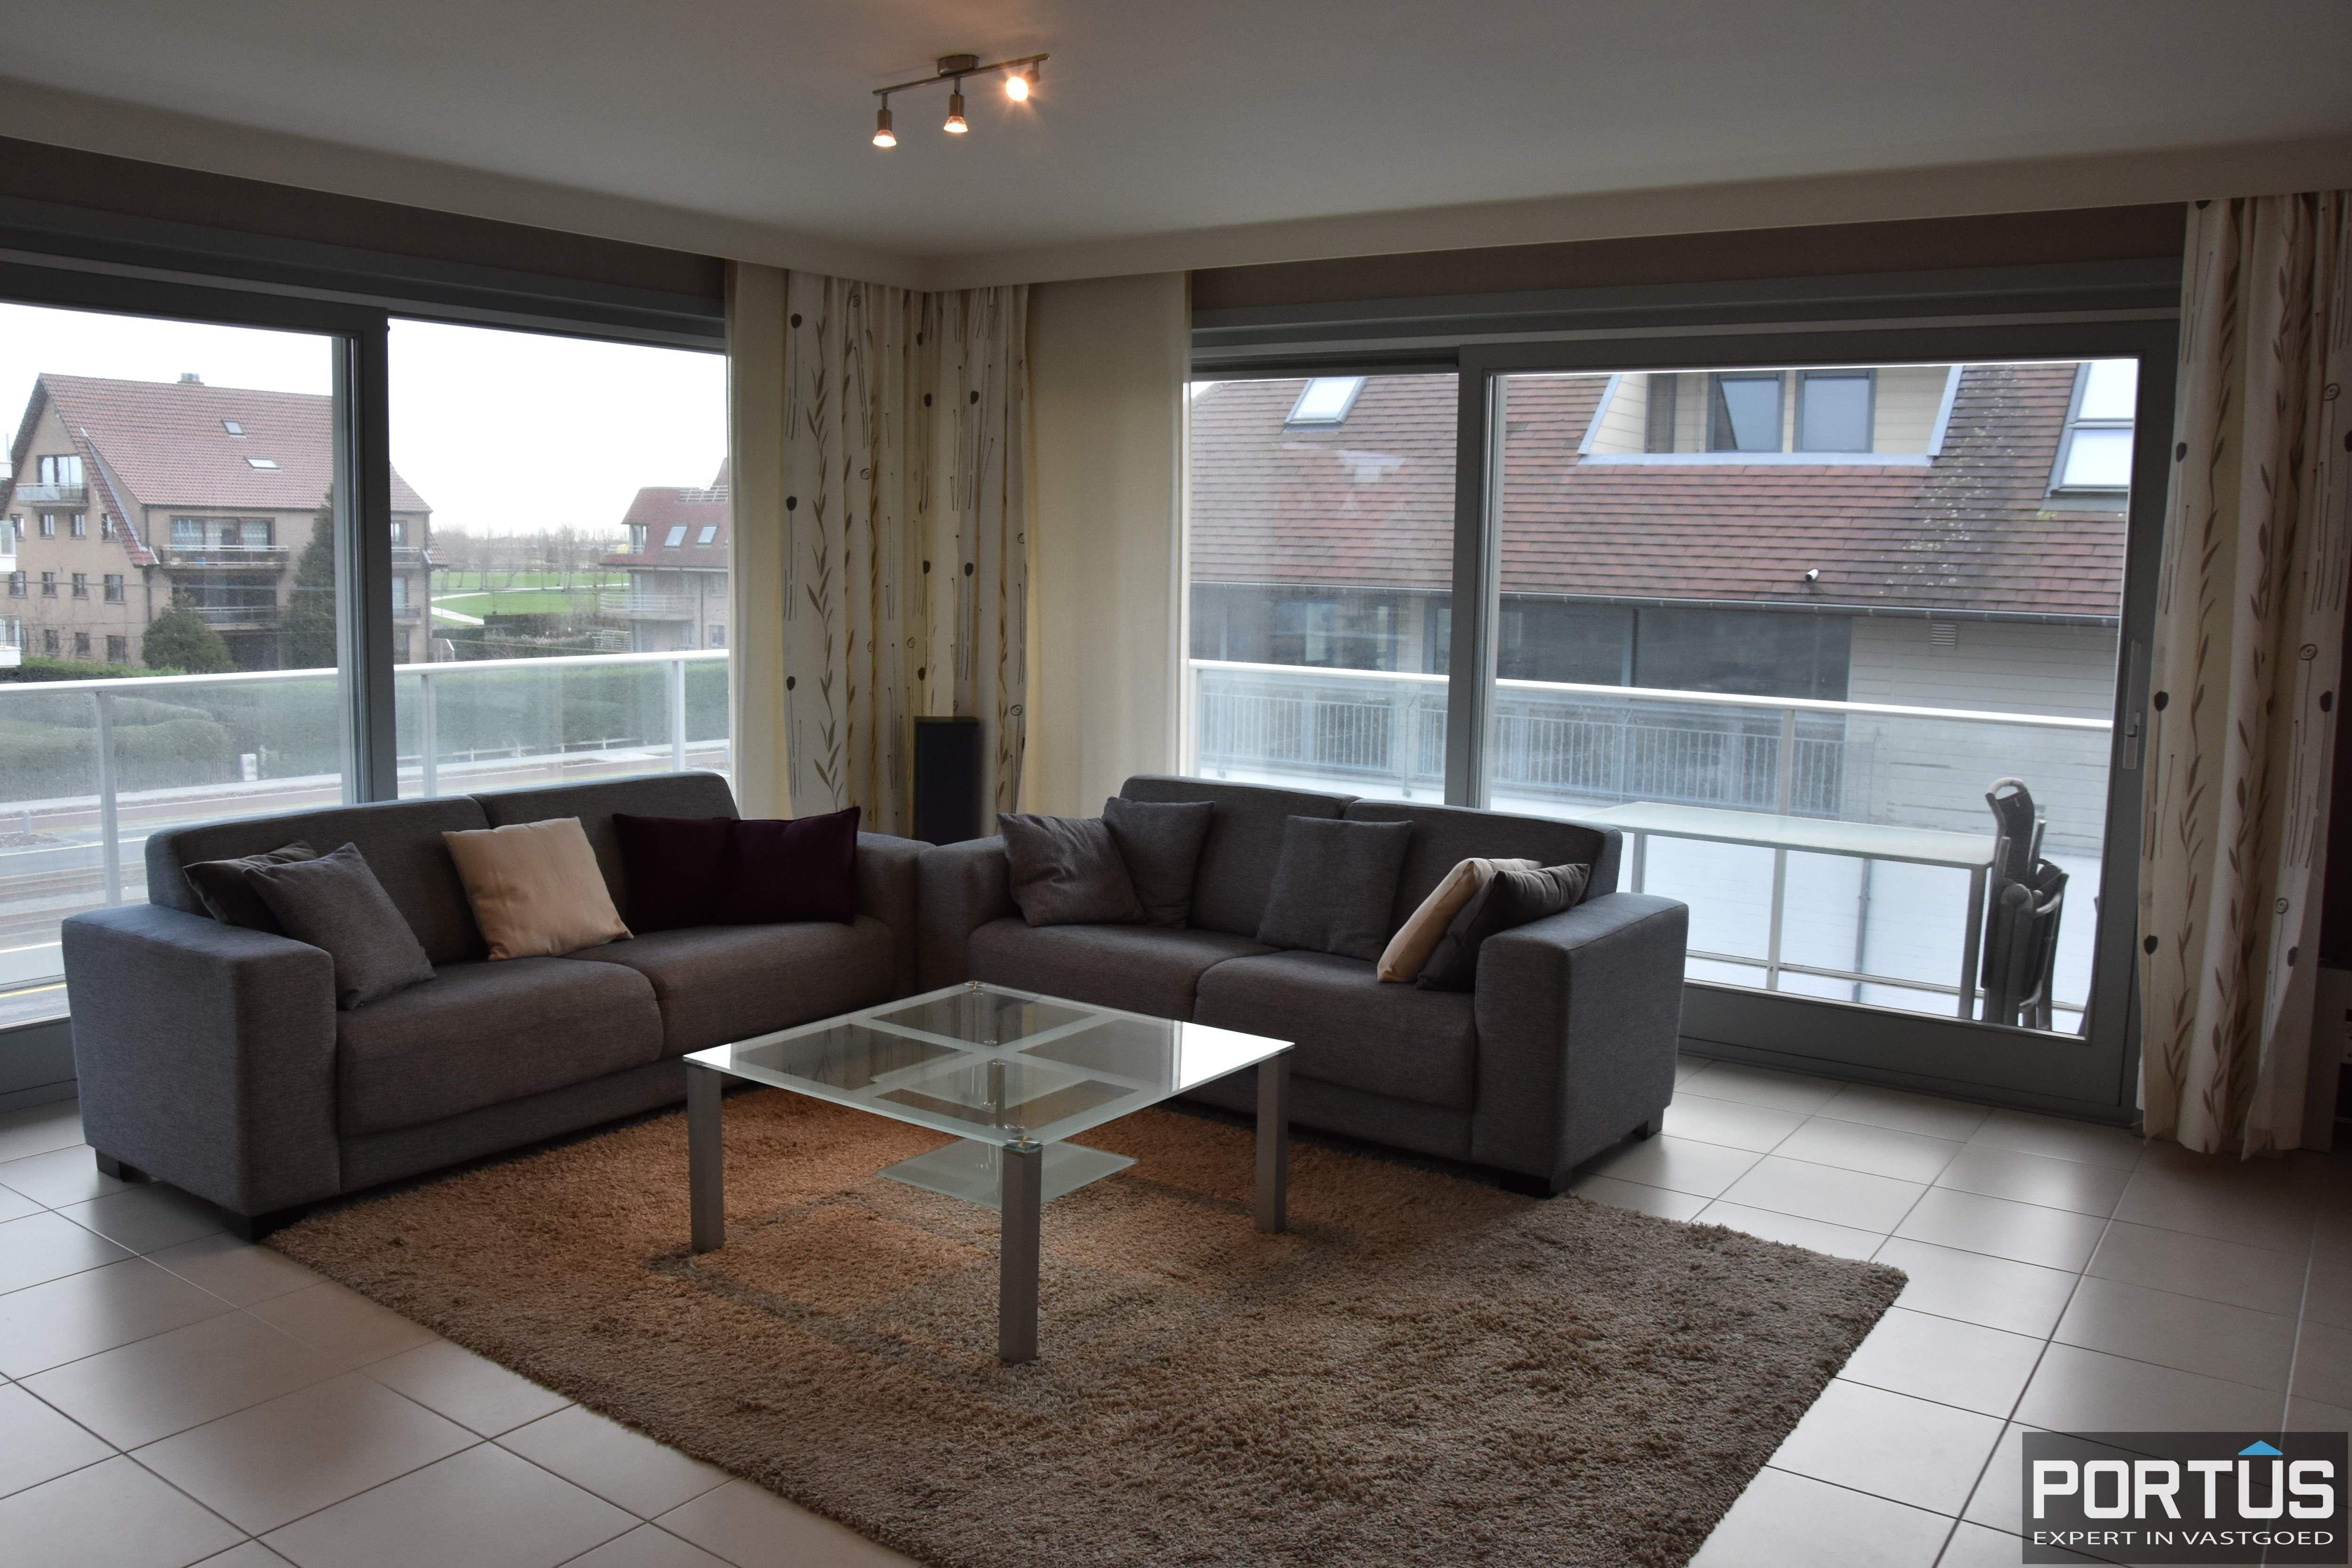 Hoekappartement met 2 slaapkamers te huur in Nieuwpoort - 10635